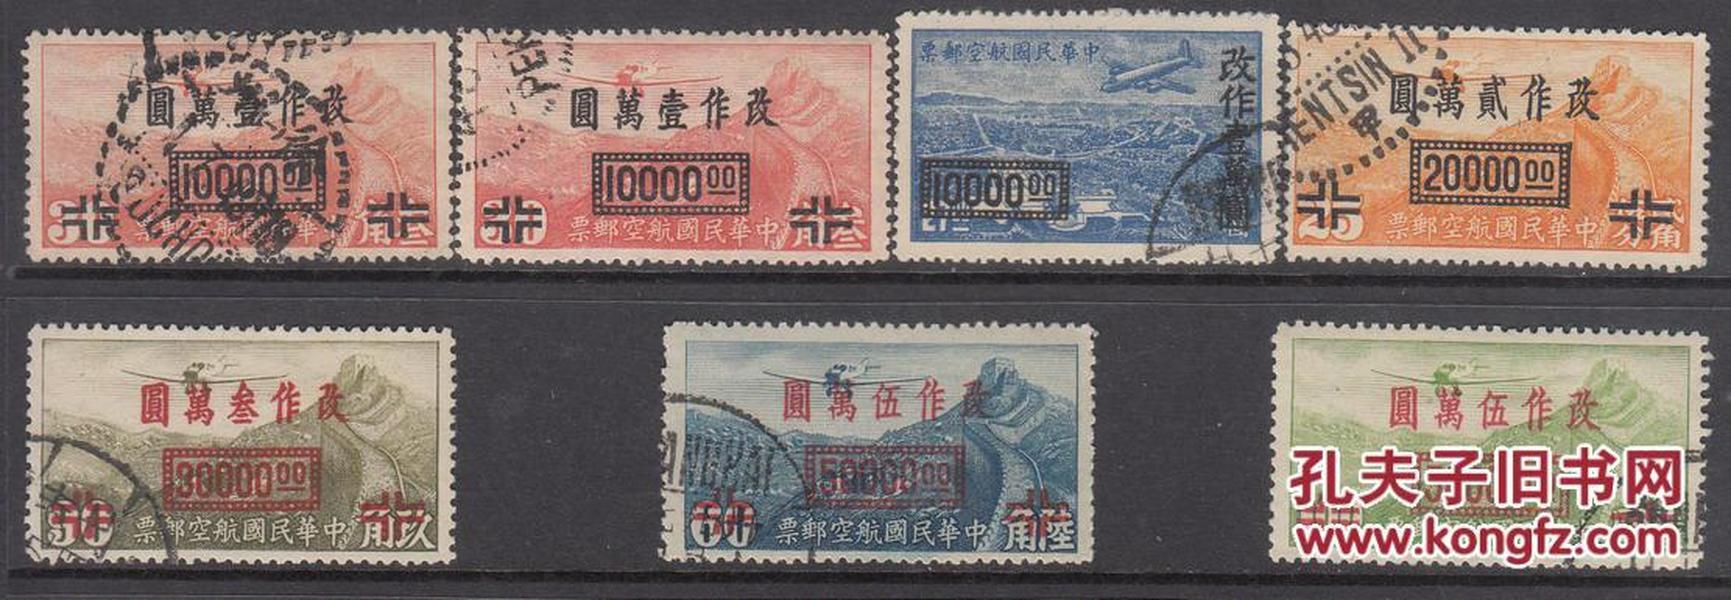 """【民国邮品--航7 上海加盖""""国币""""航空改值邮票旧票7枚不同。】"""